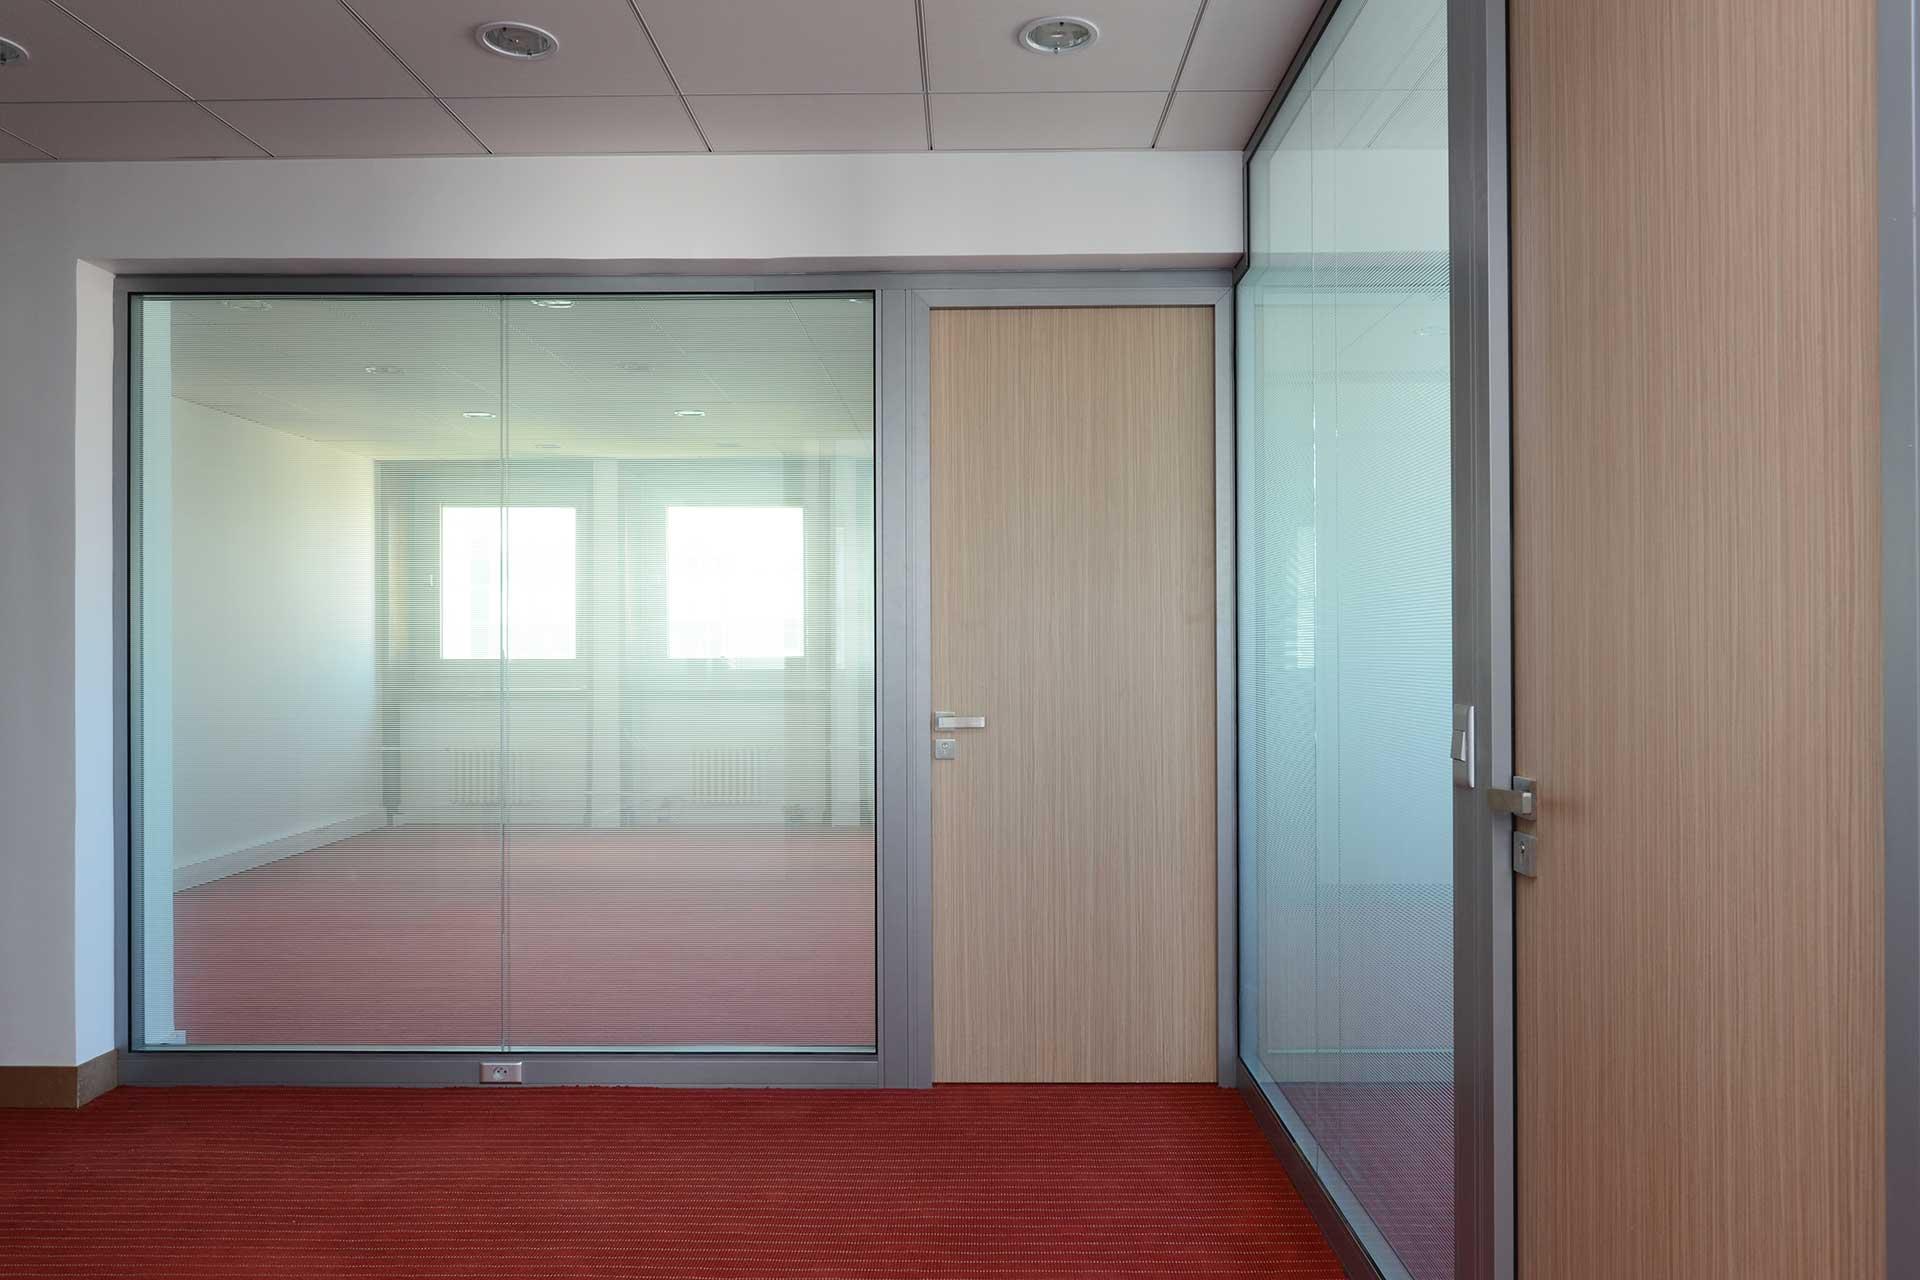 Cloisons amovibles blocs portes cadre aluminium ouvrant poteau électrique